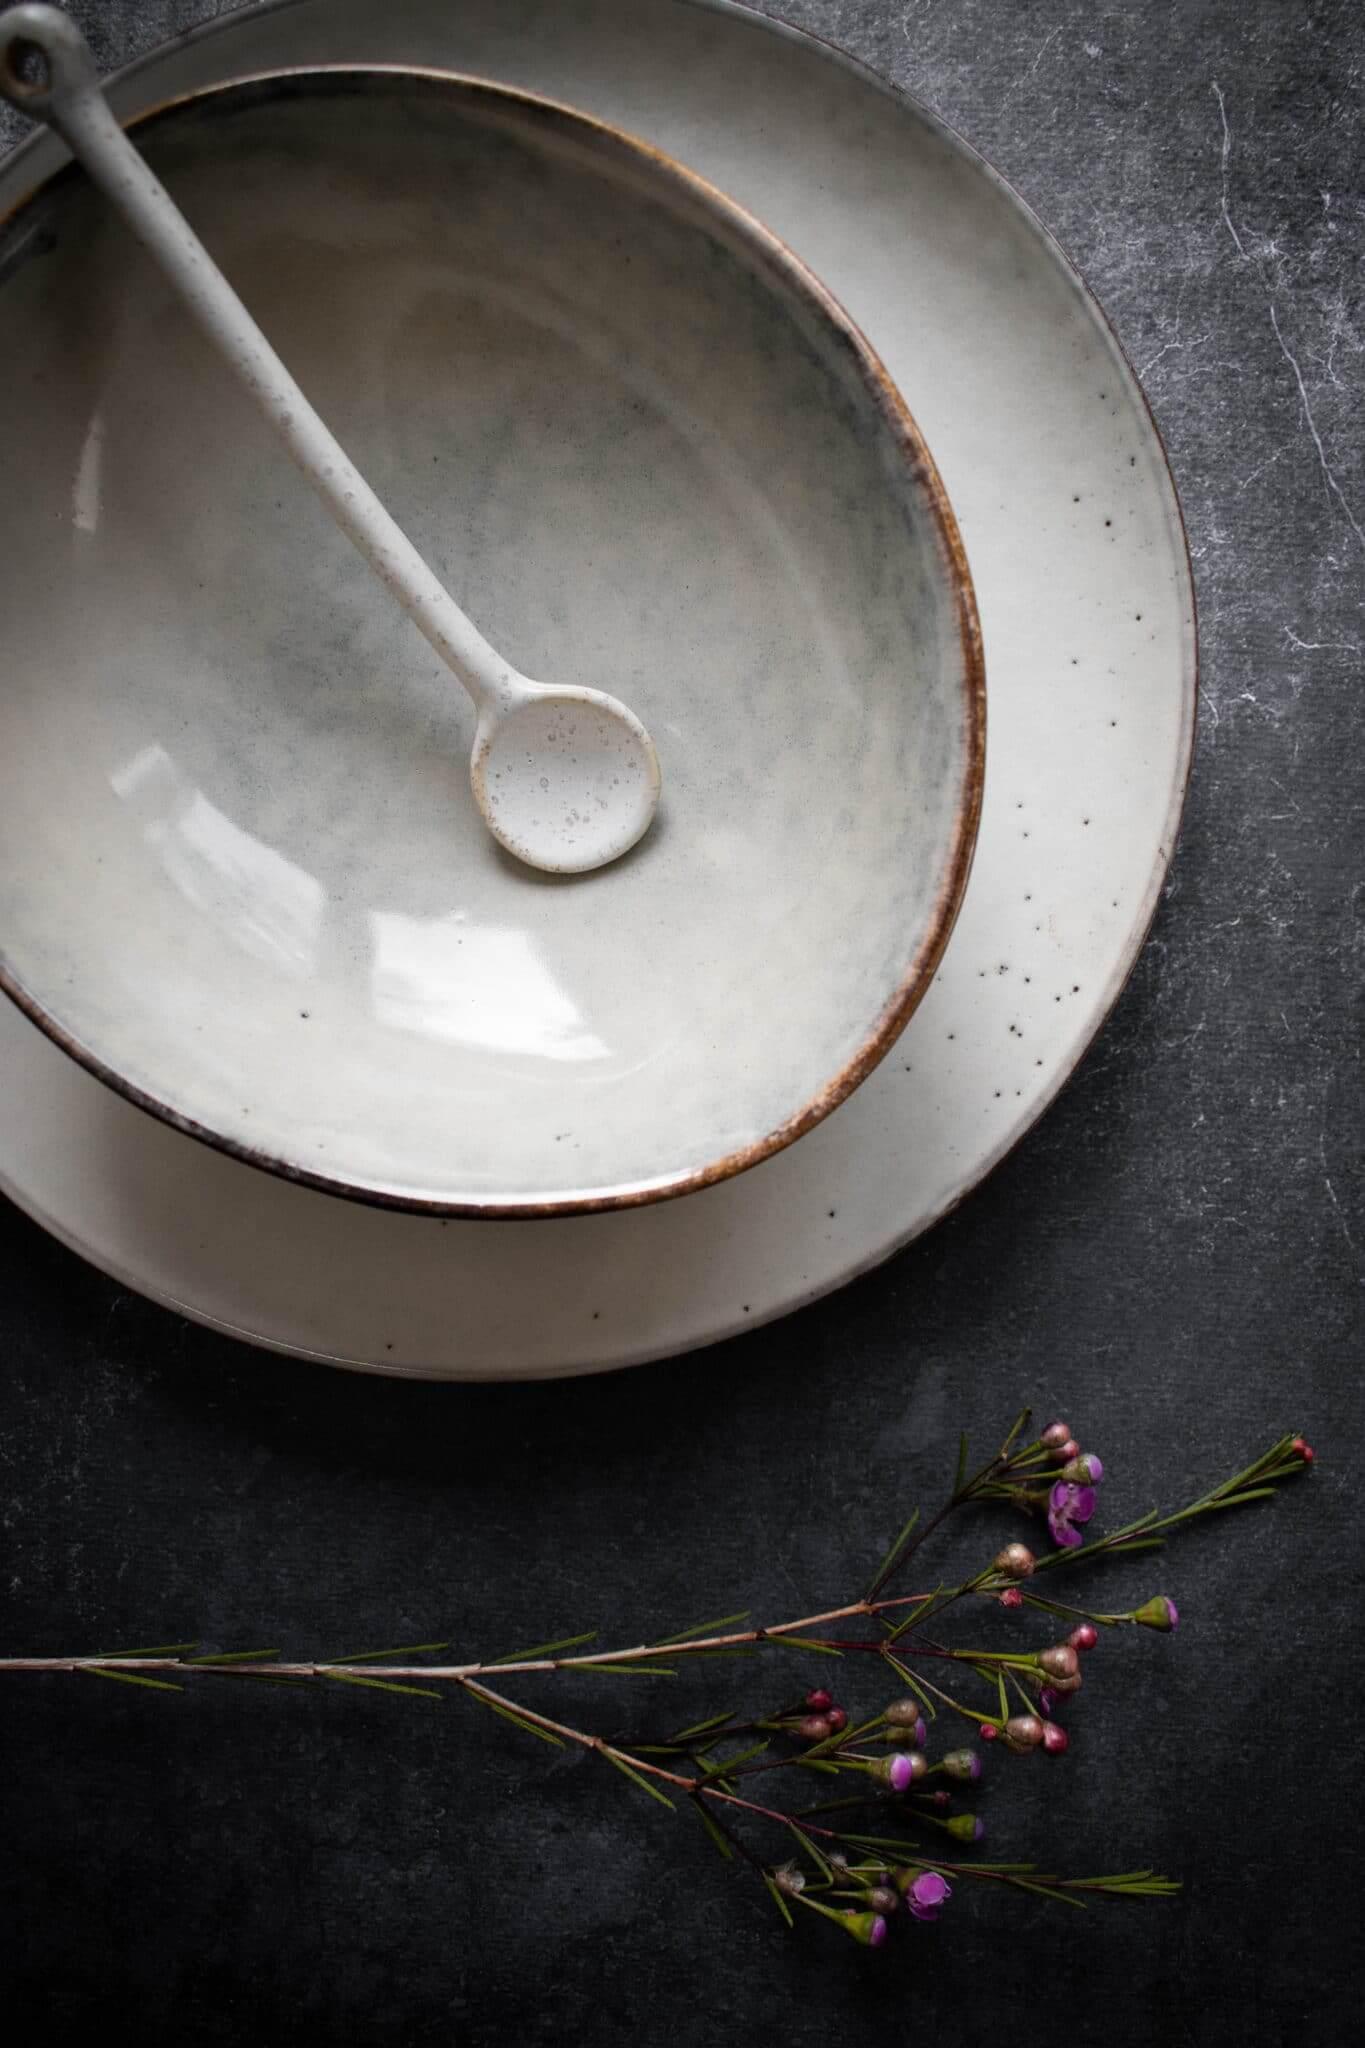 vaisselle en grès avec fleurs